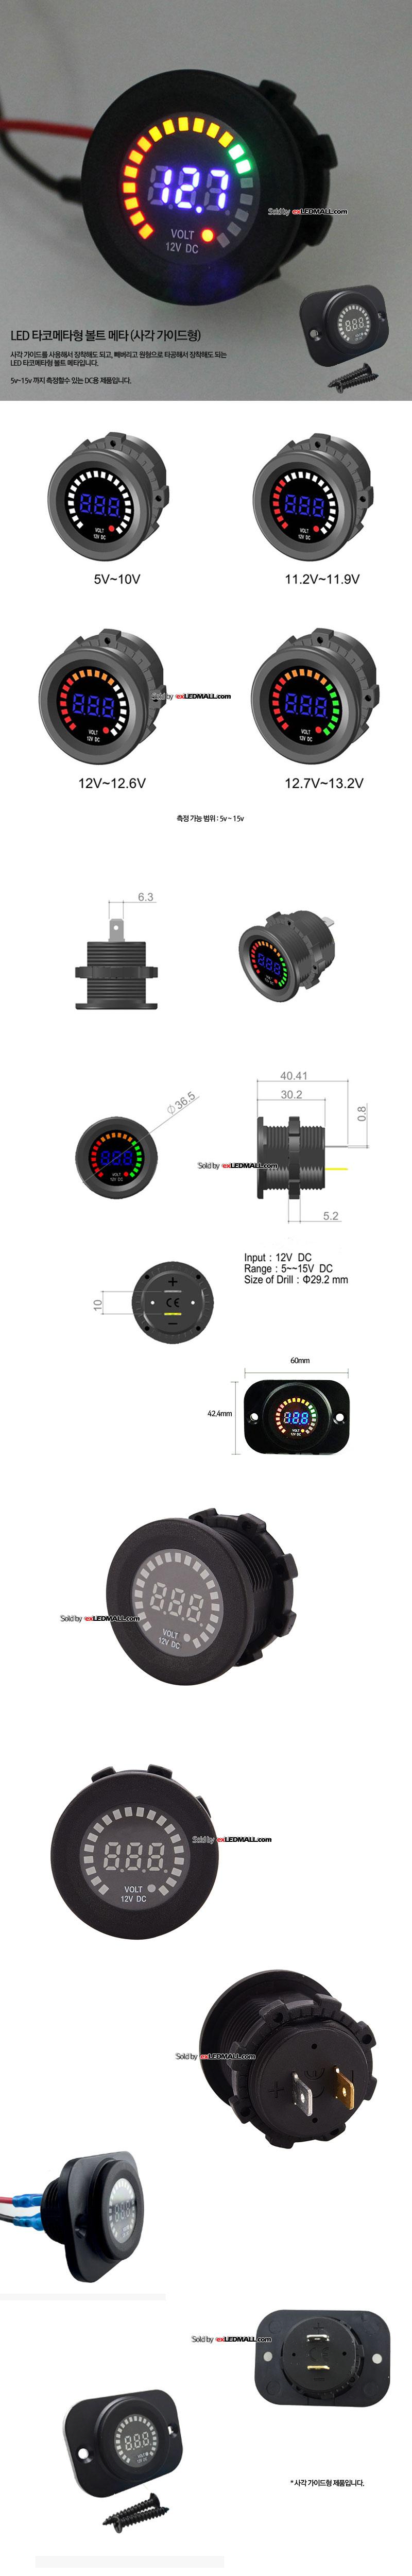 매립용 LED 타코메타형 볼트 메타 (DC5~15v)